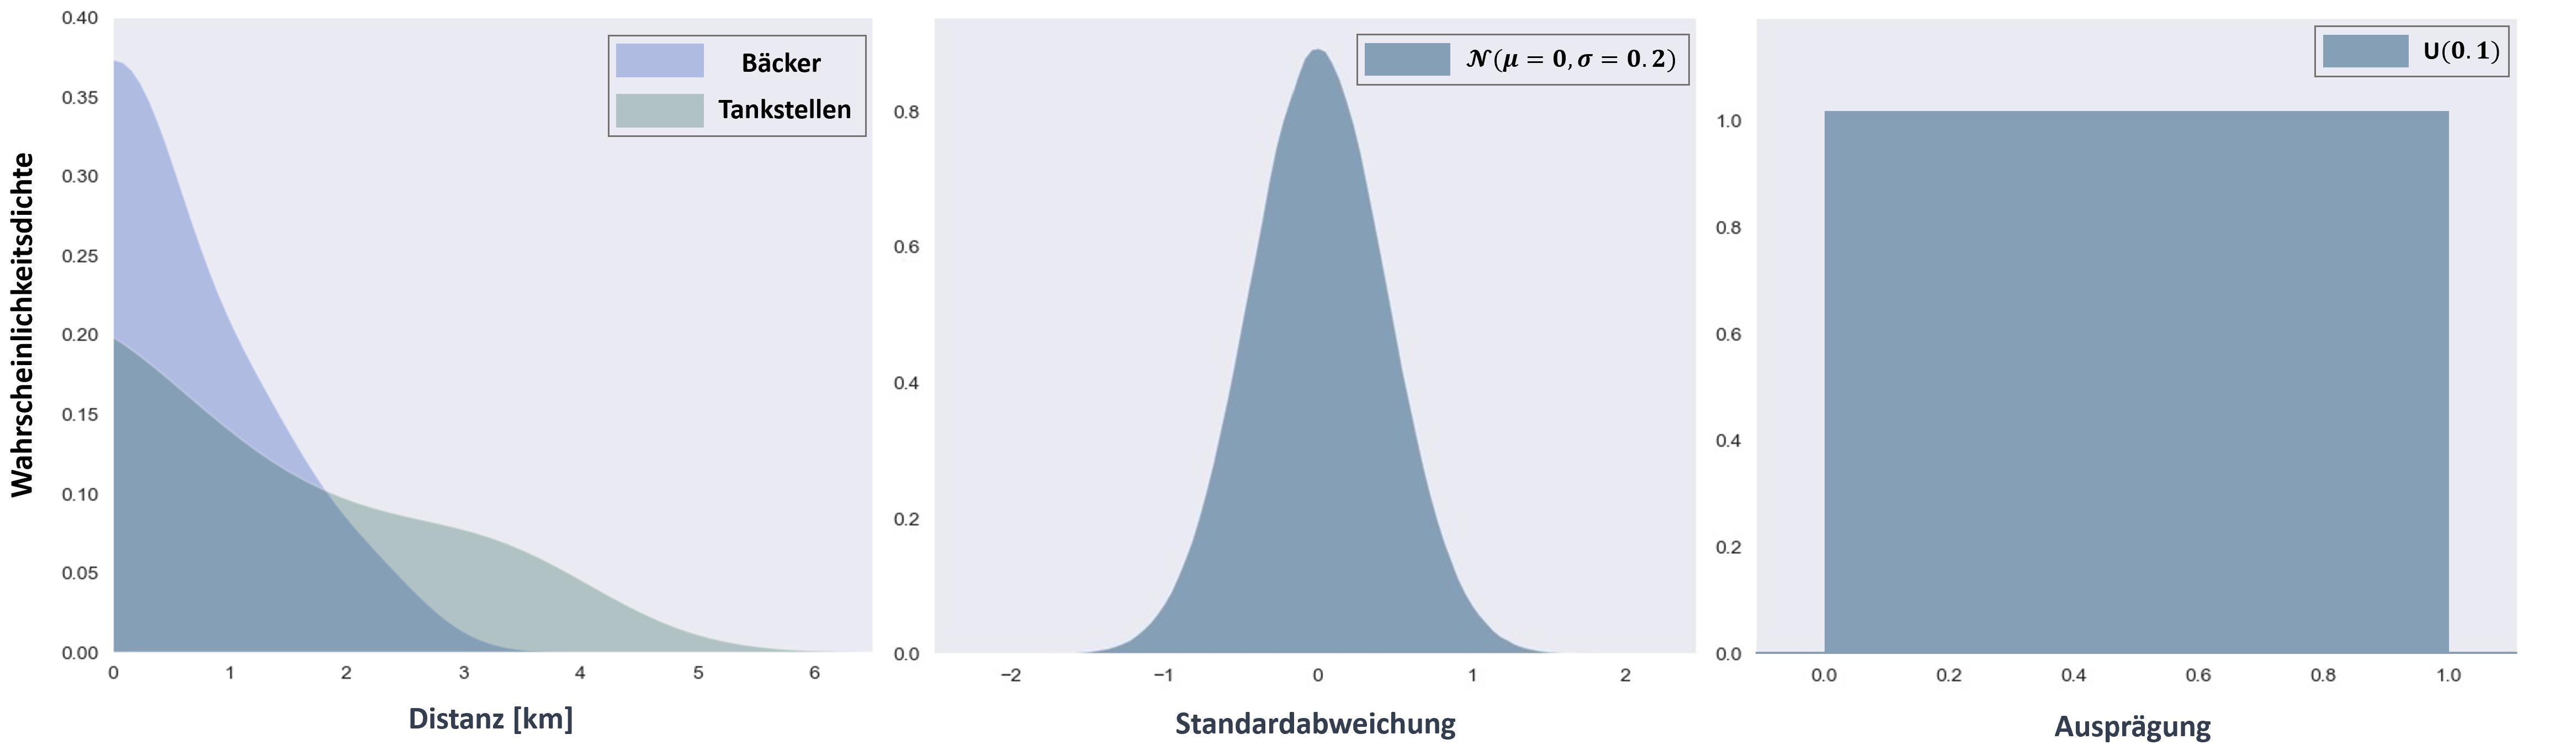 Darstellung der statistischen Methodik